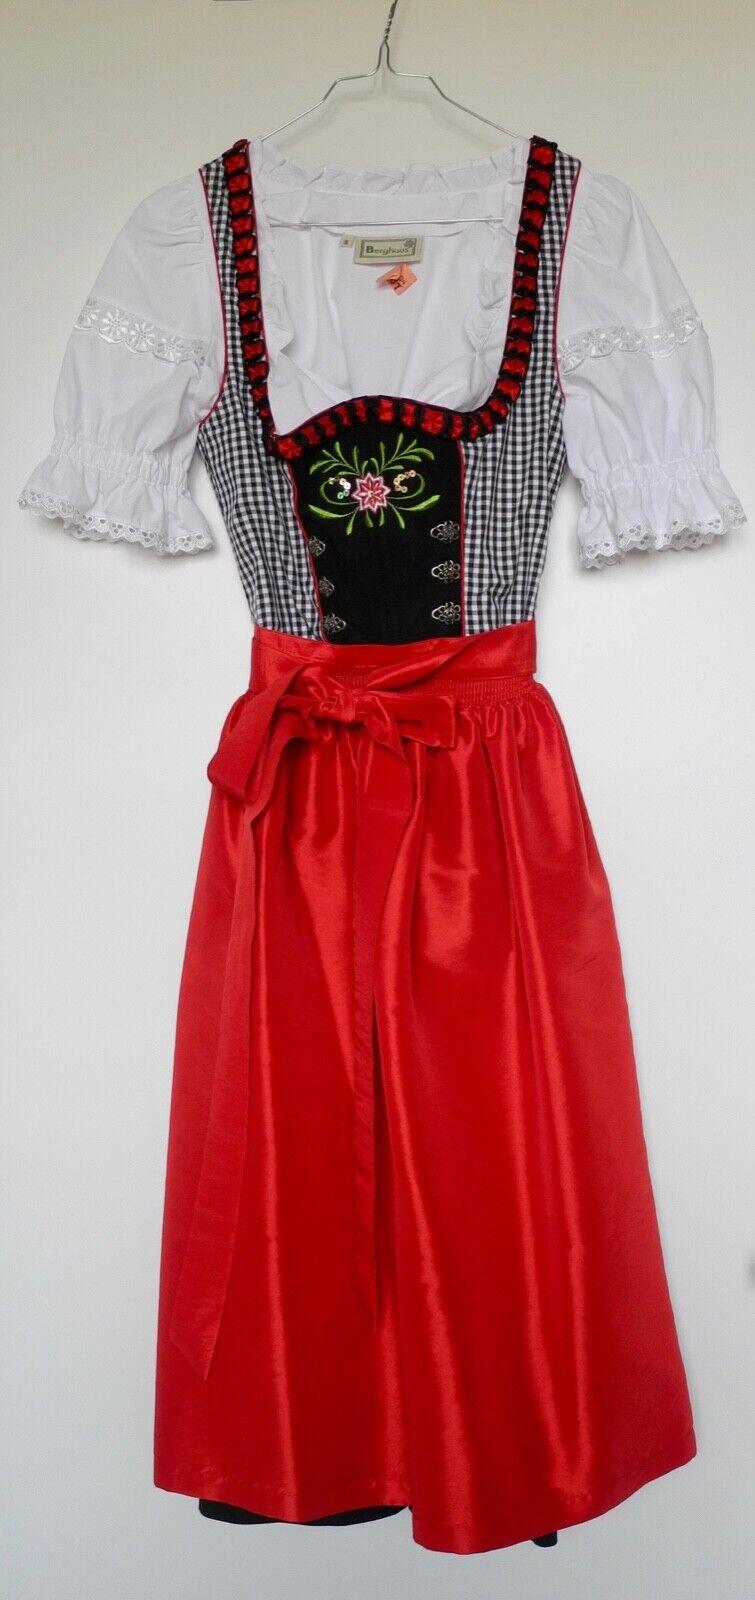 Dirndl mit Blause, schwarz-weiß-rot, Oktoberfest, Gr. 36, inkl. Gratis-Dirndl-BH